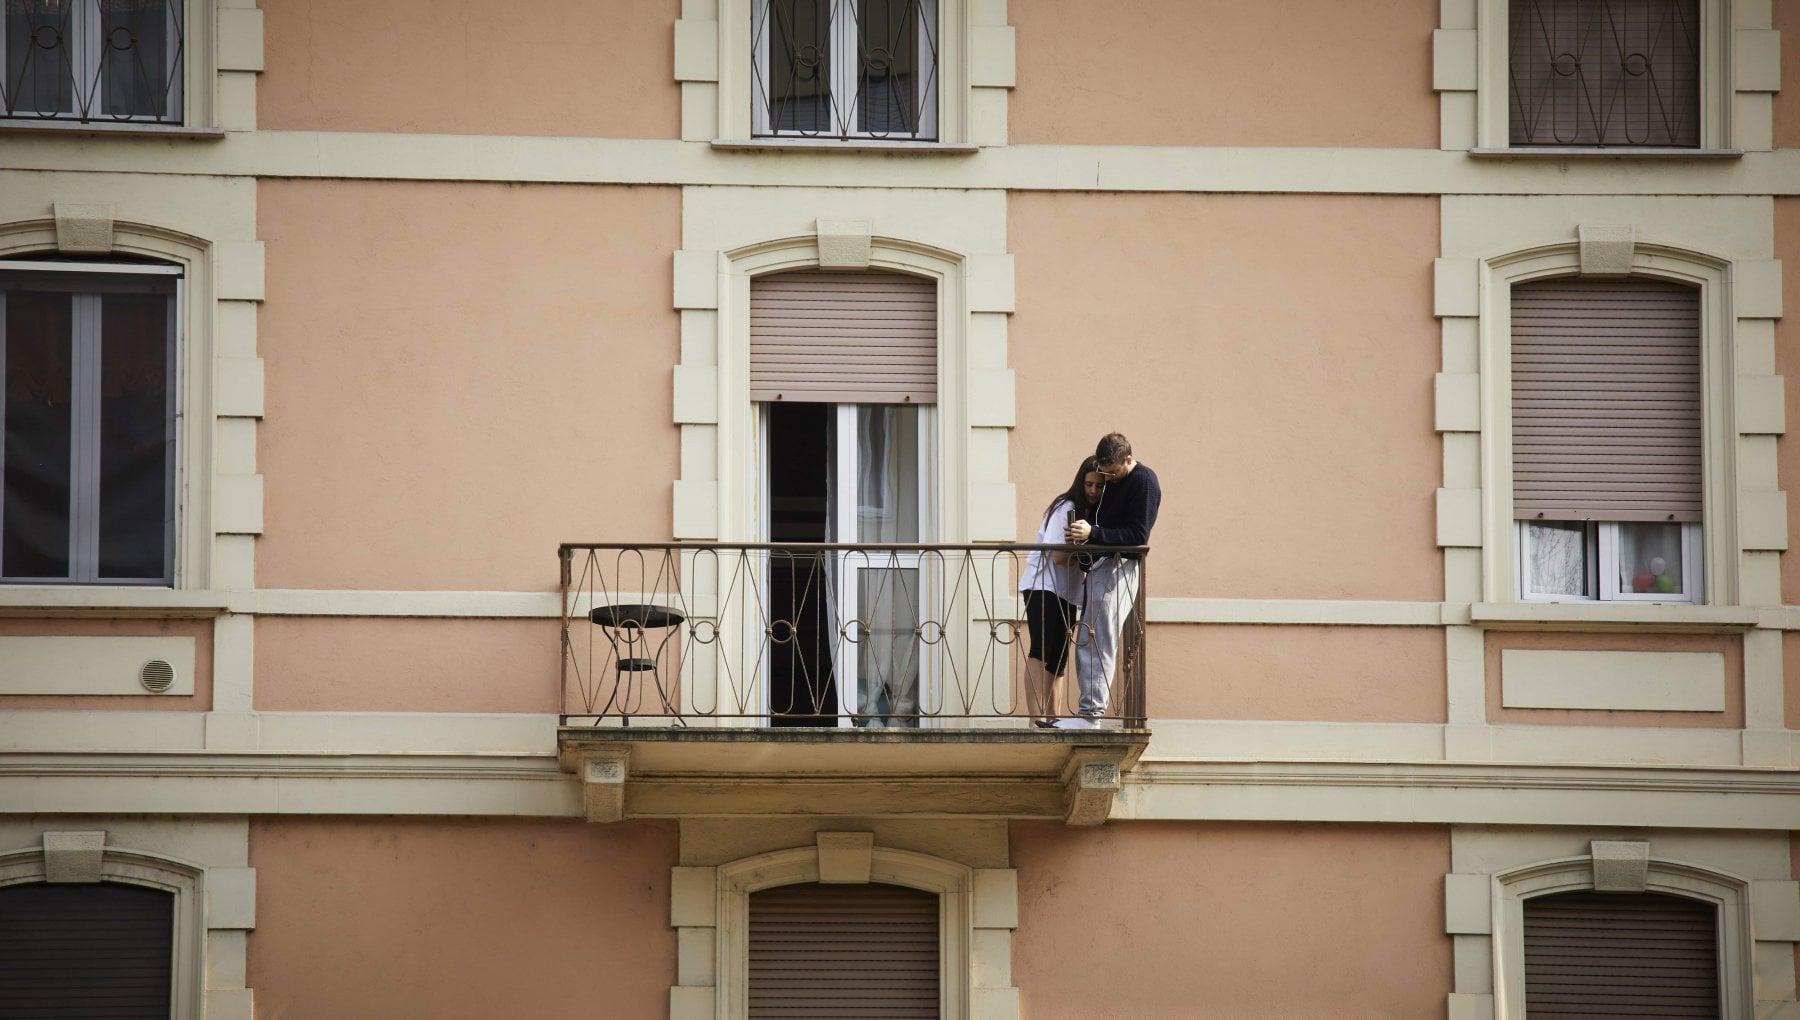 lockdown-italia:-una-storia-di-voci,-suoni-e-silenzi-audioracconto-dei-giorni-in-cui-tutto-e-cambiato